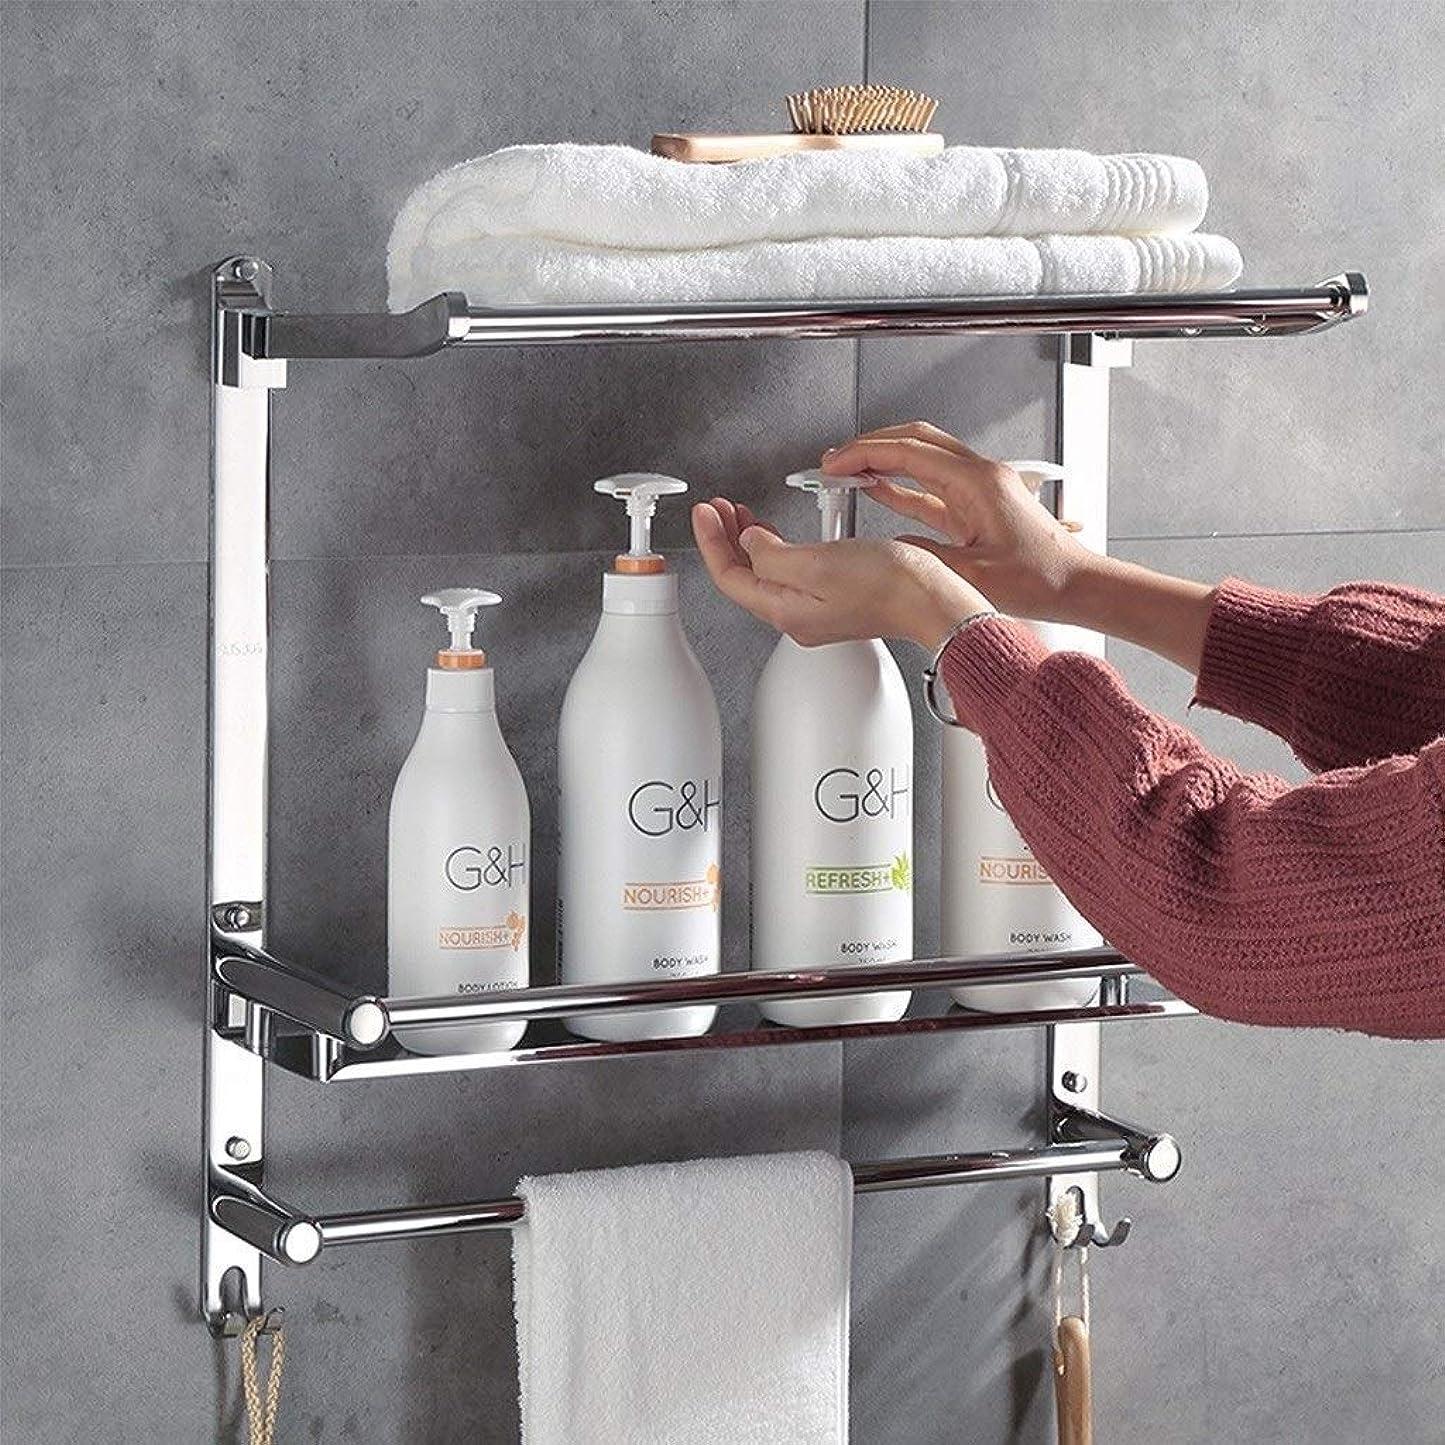 中央ダニ選出するアルミ合金のホテルの浴室のタオル掛けは90°折るタオル掛けの壁に取り付けられた貯蔵の棚-715(サイズ:50cm)である場合もあります